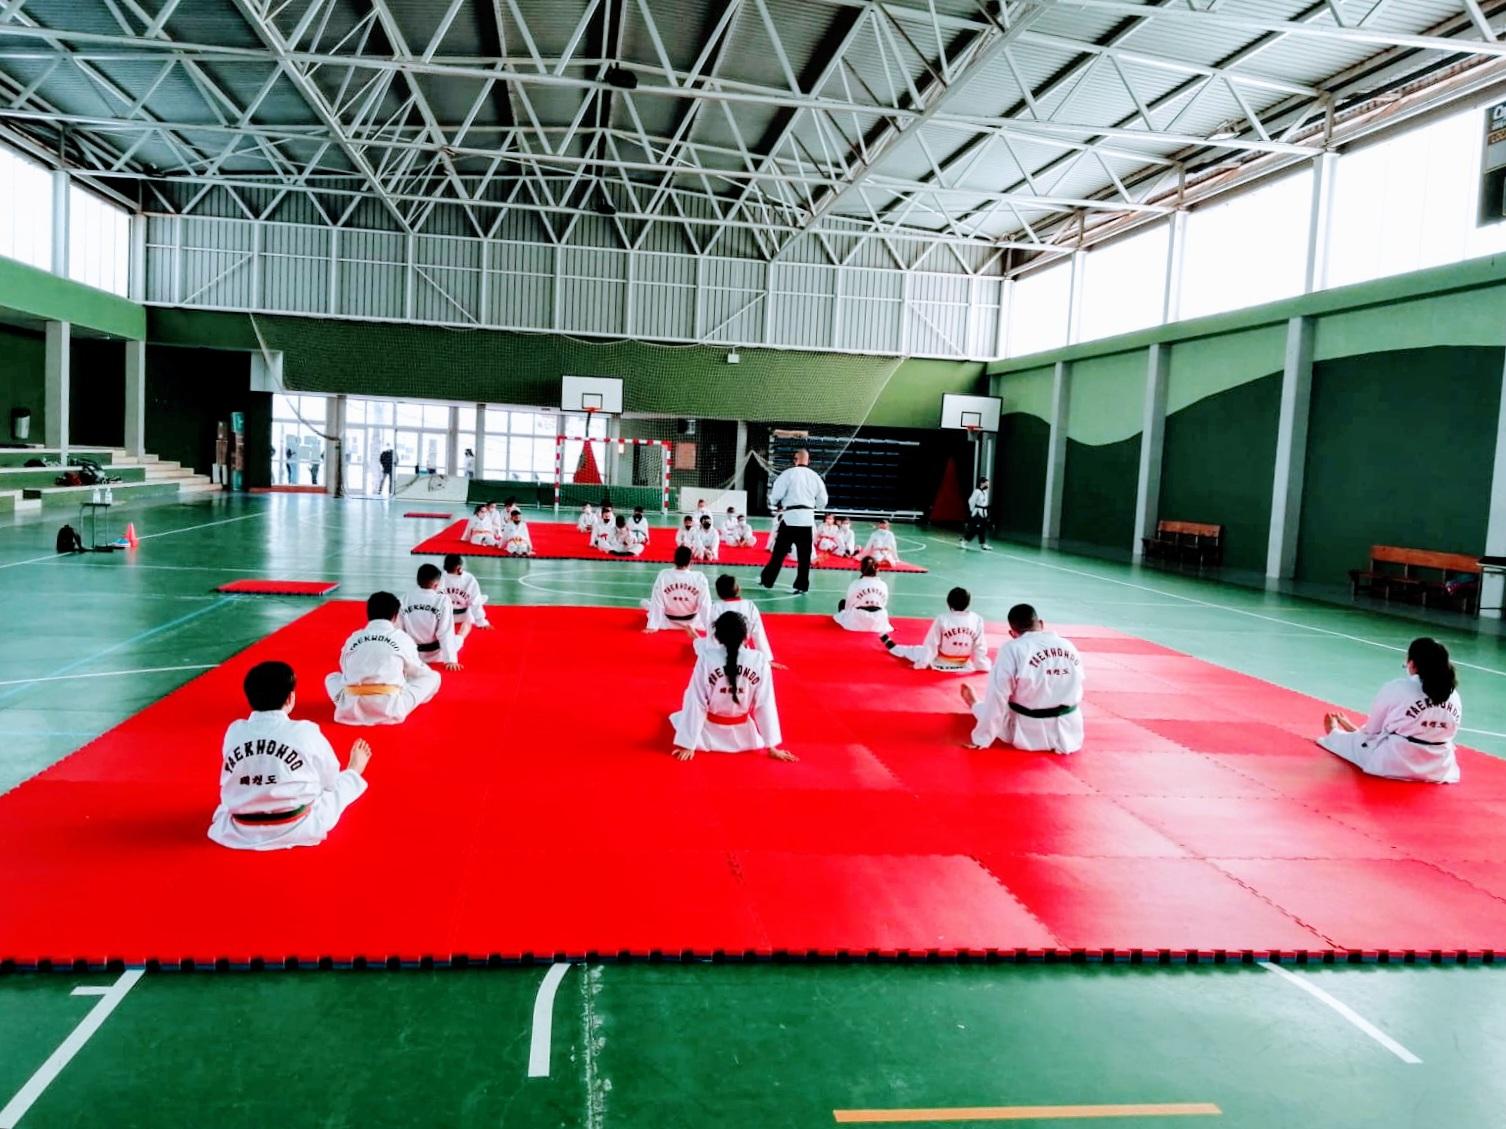 Entrenamiento Poomsae Taekwondo en Lomo Pelado (3)